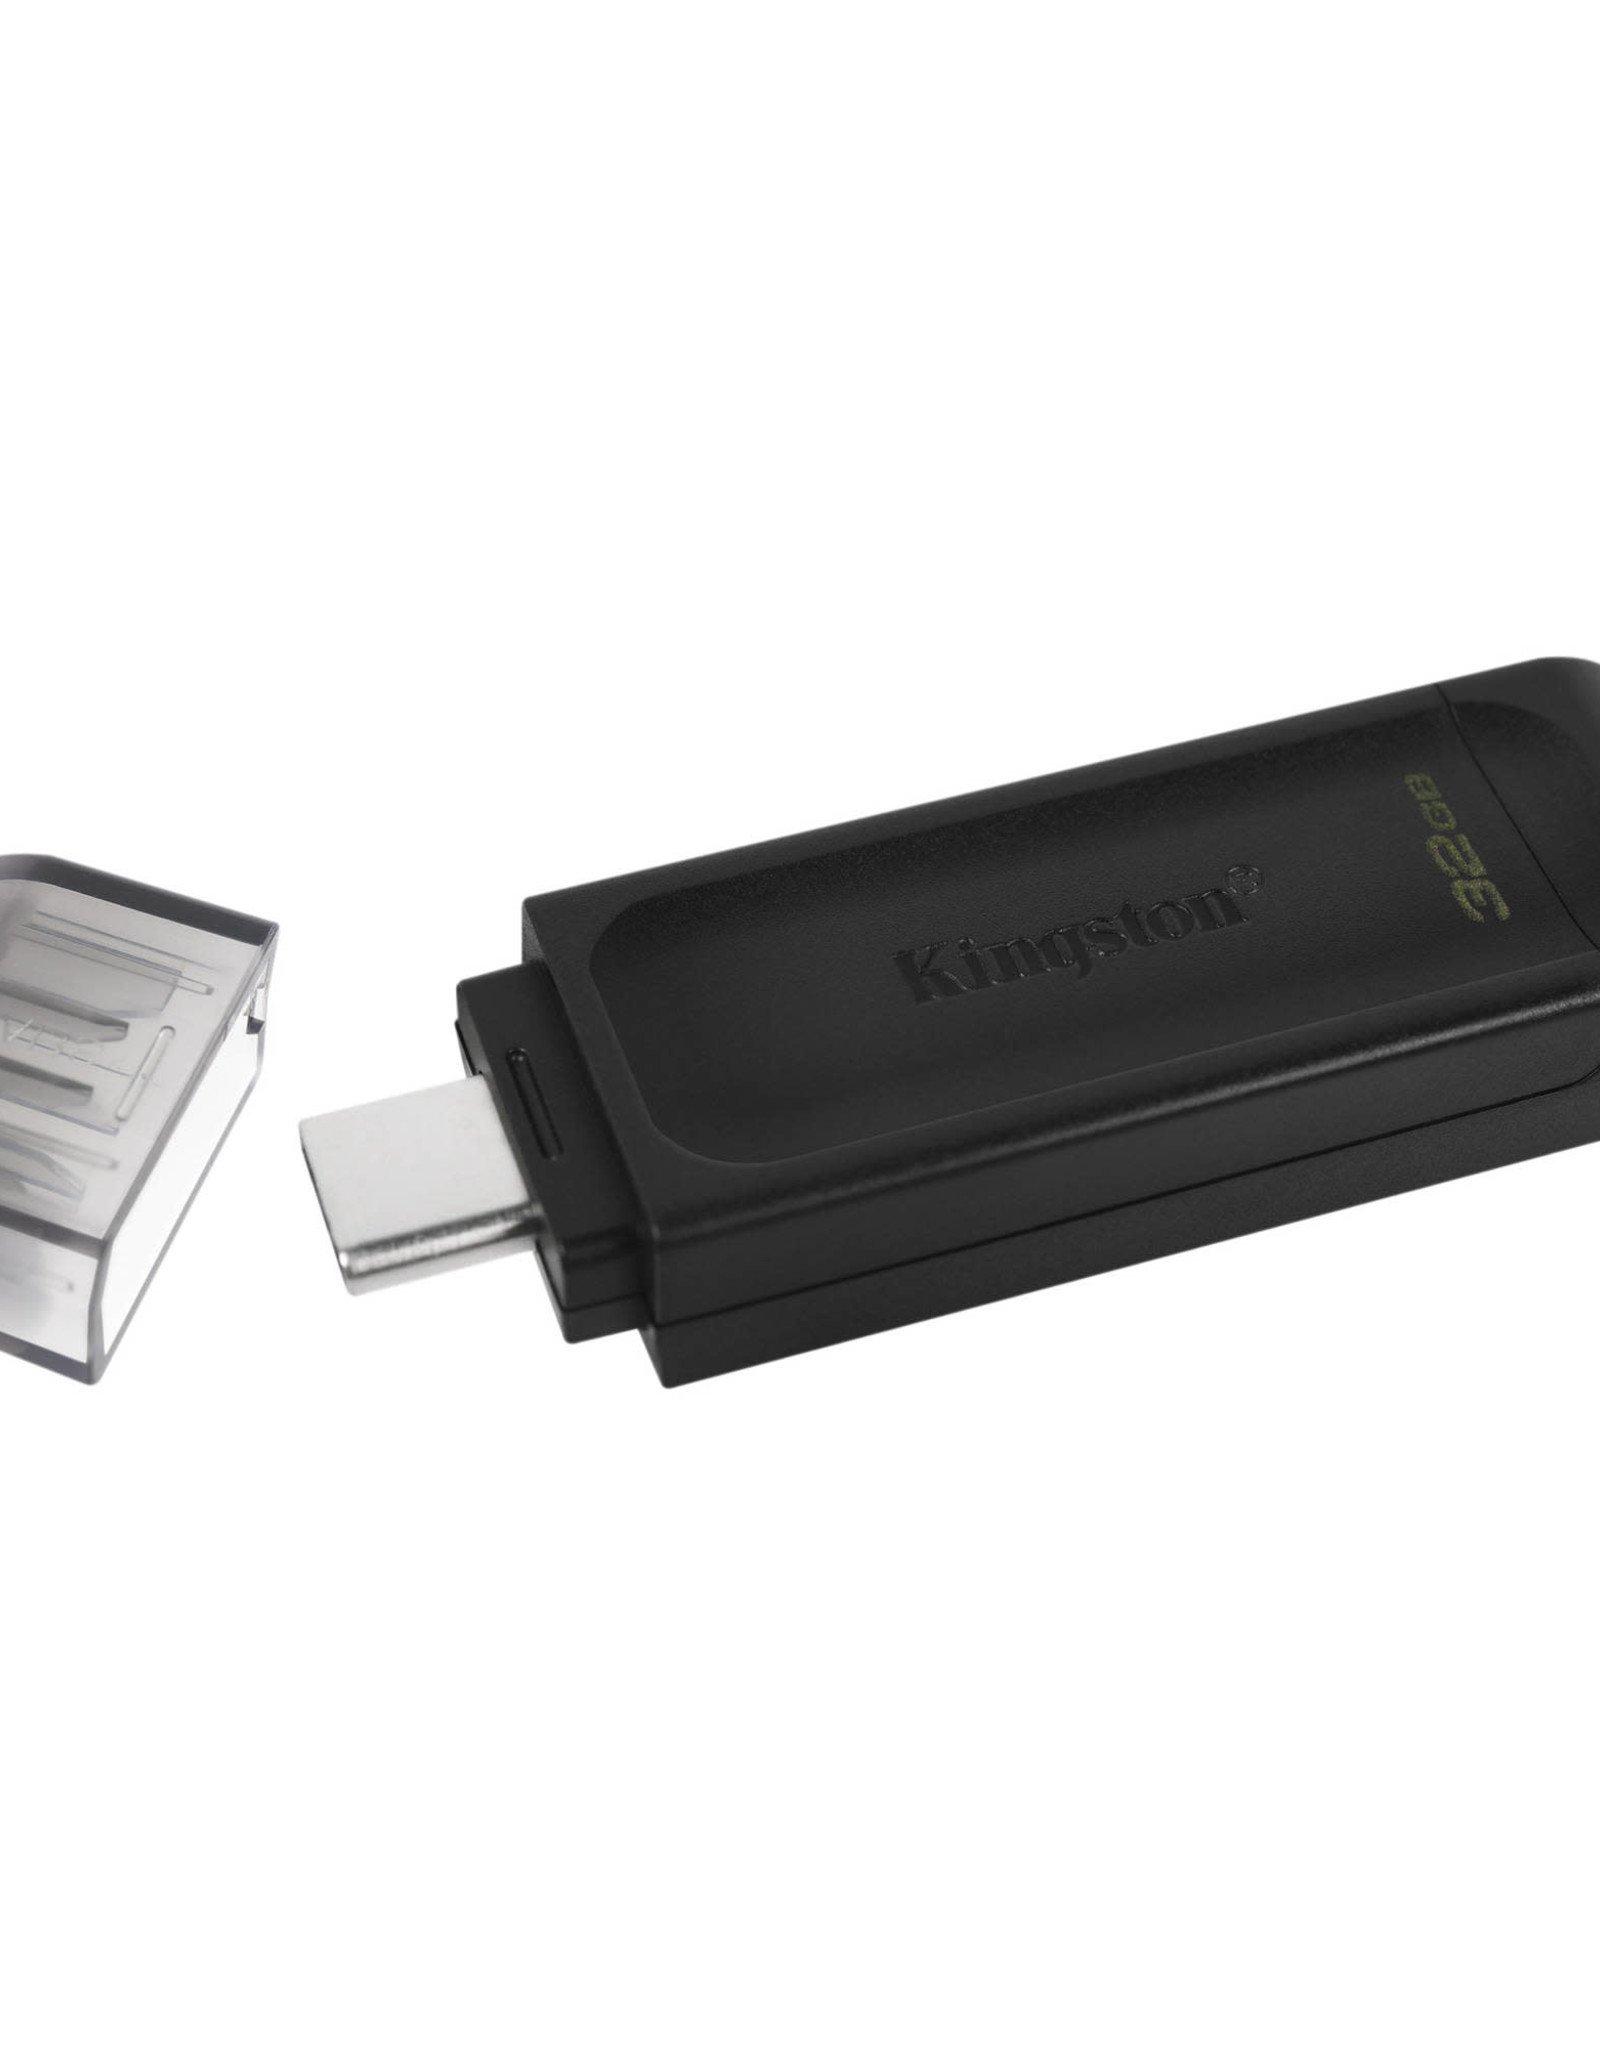 Kingston Kingston | 32GB USB-C 3.2 Gen 1 DataTraveler 70 DT70/32GBCR